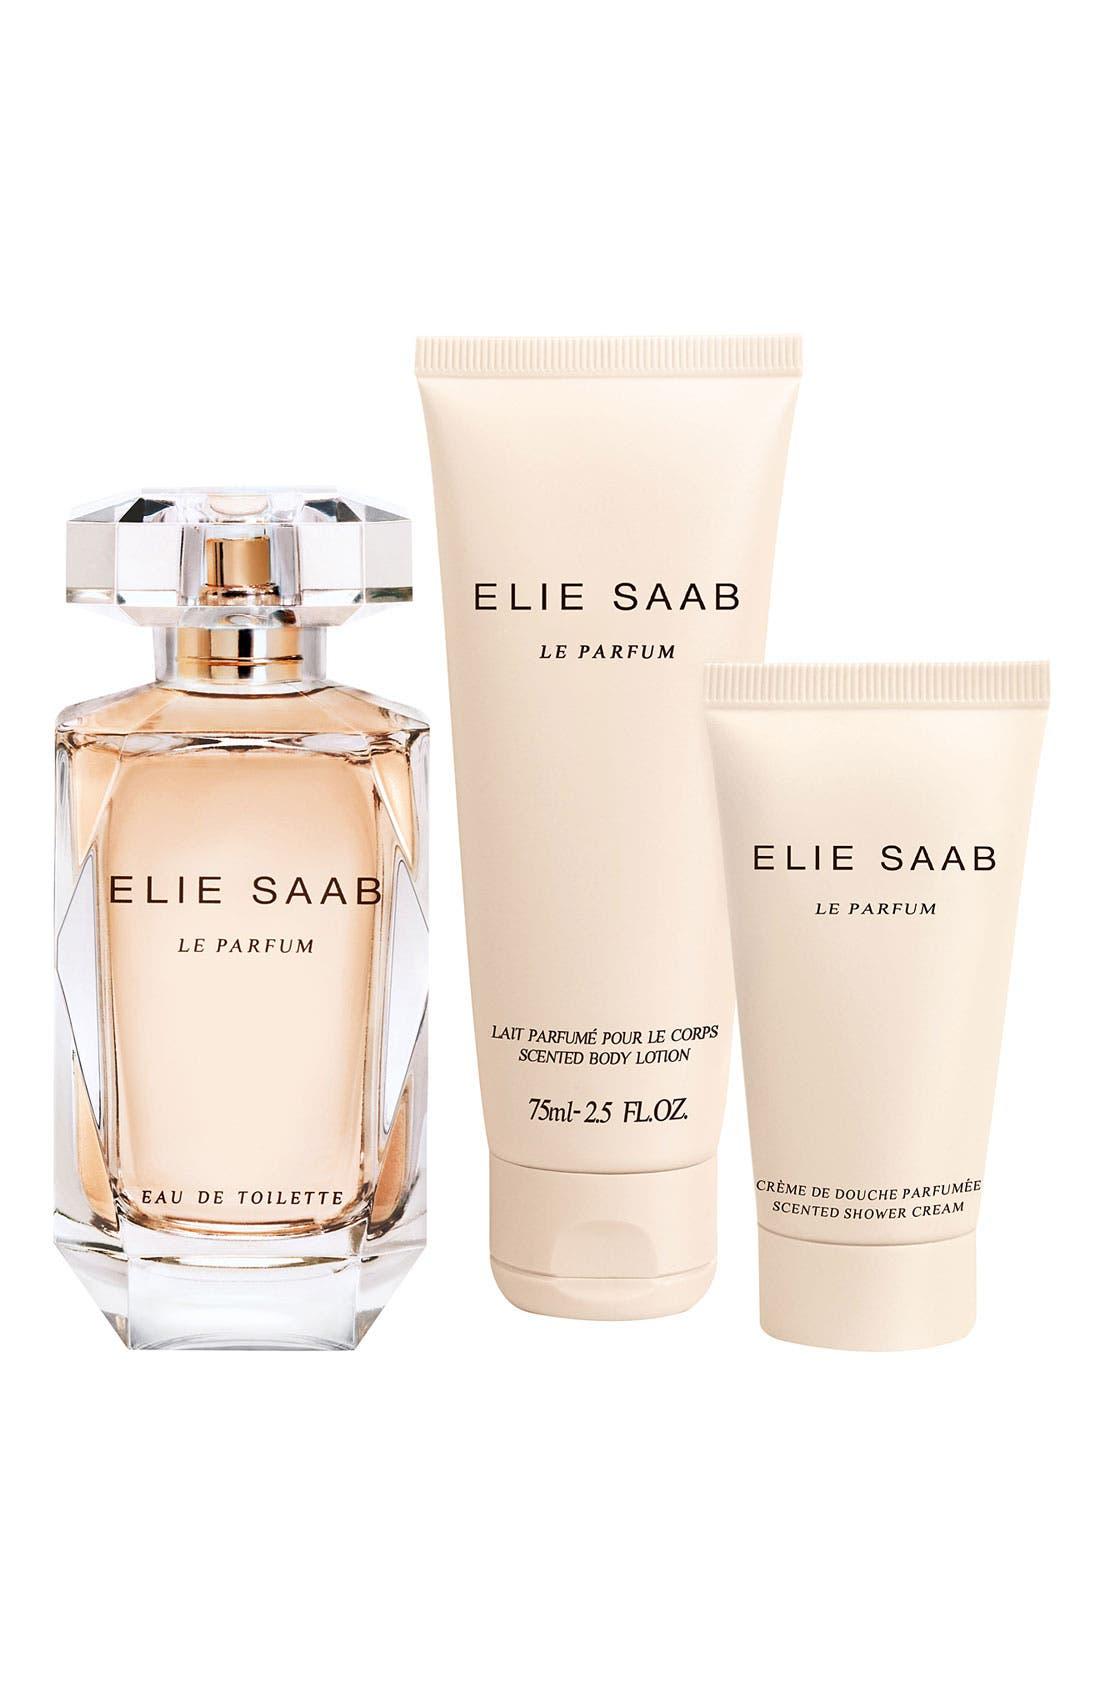 Main Image - Elie Saab 'Le Parfum' Eau de Toilette Gift Set